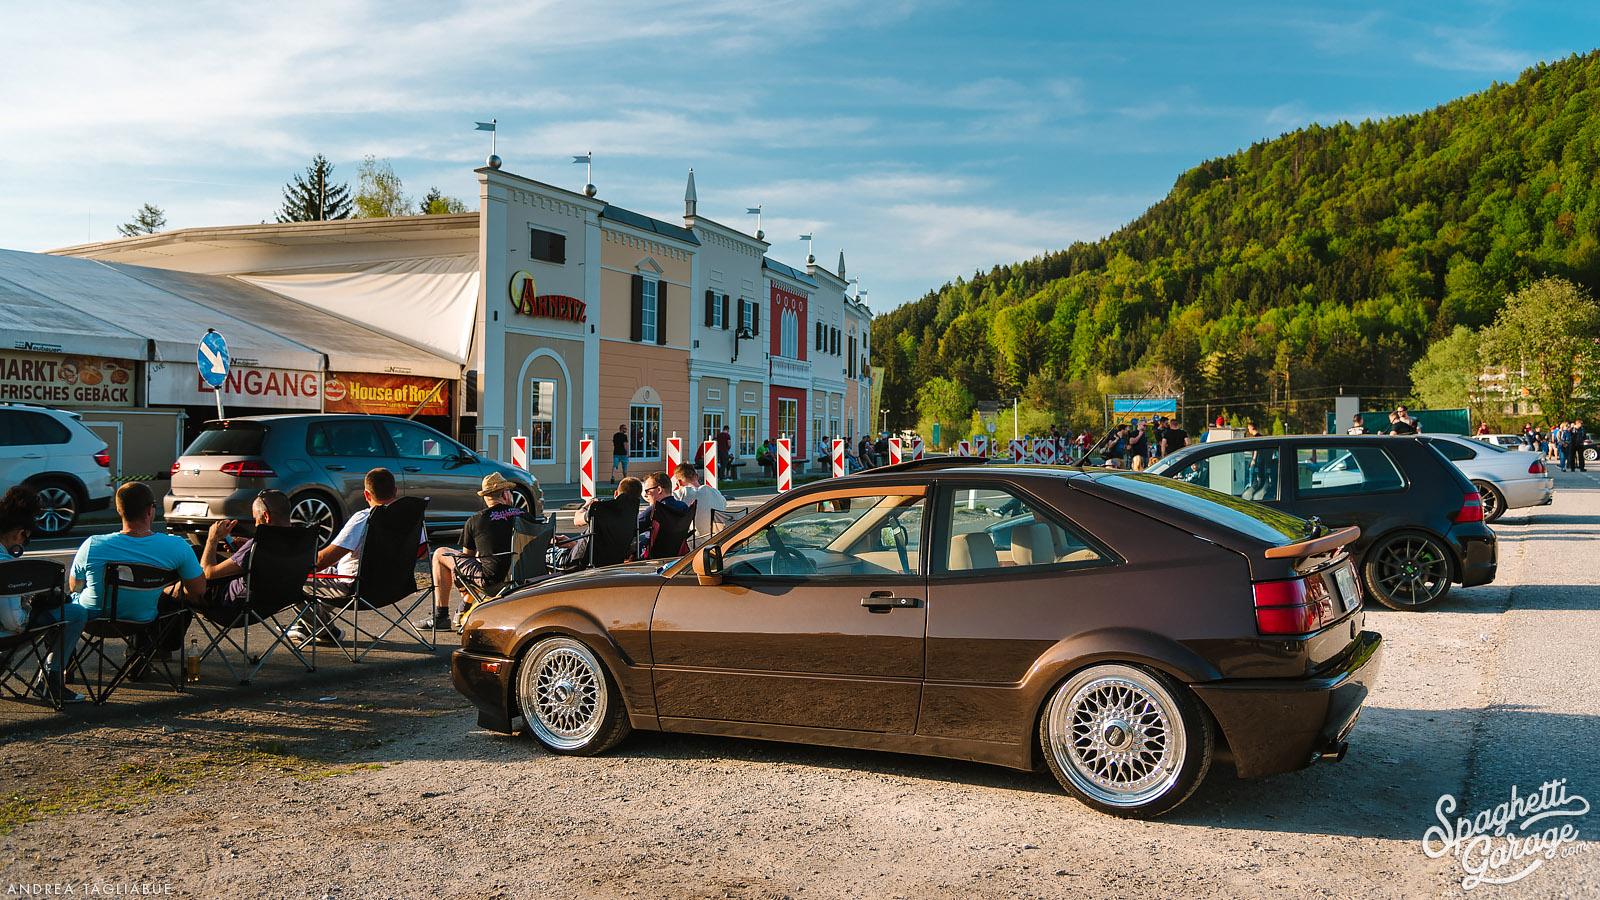 Foto: FTfoto   www.ftfoto.it